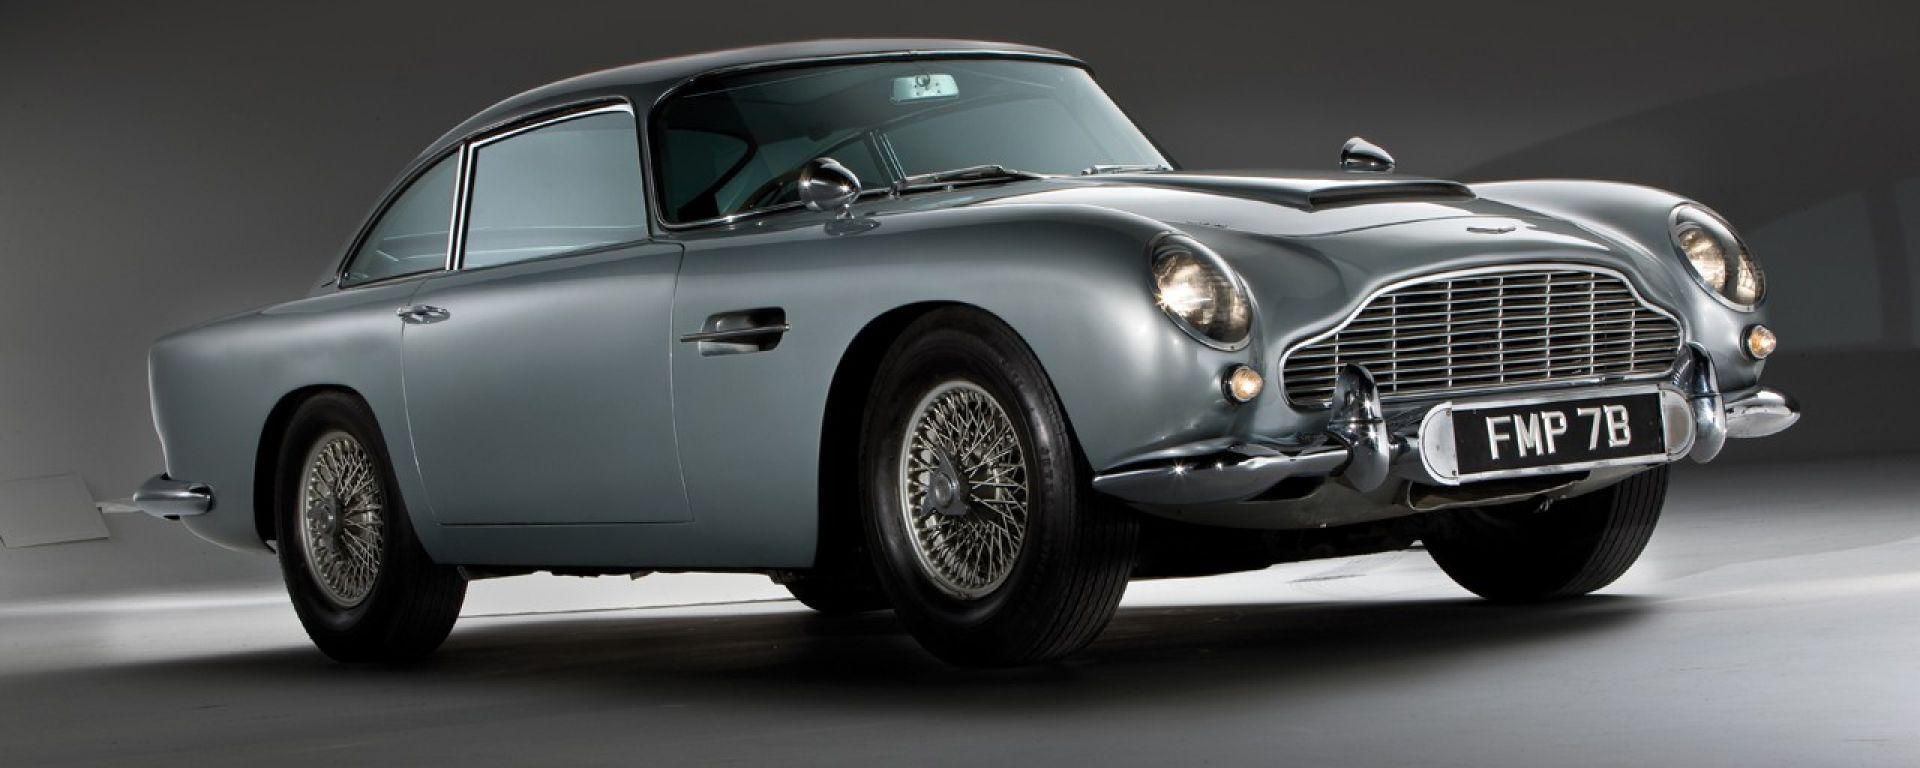 Aston Martin DB5: arriva la replica fedele, gadget inclusi, dell'auto di Bond